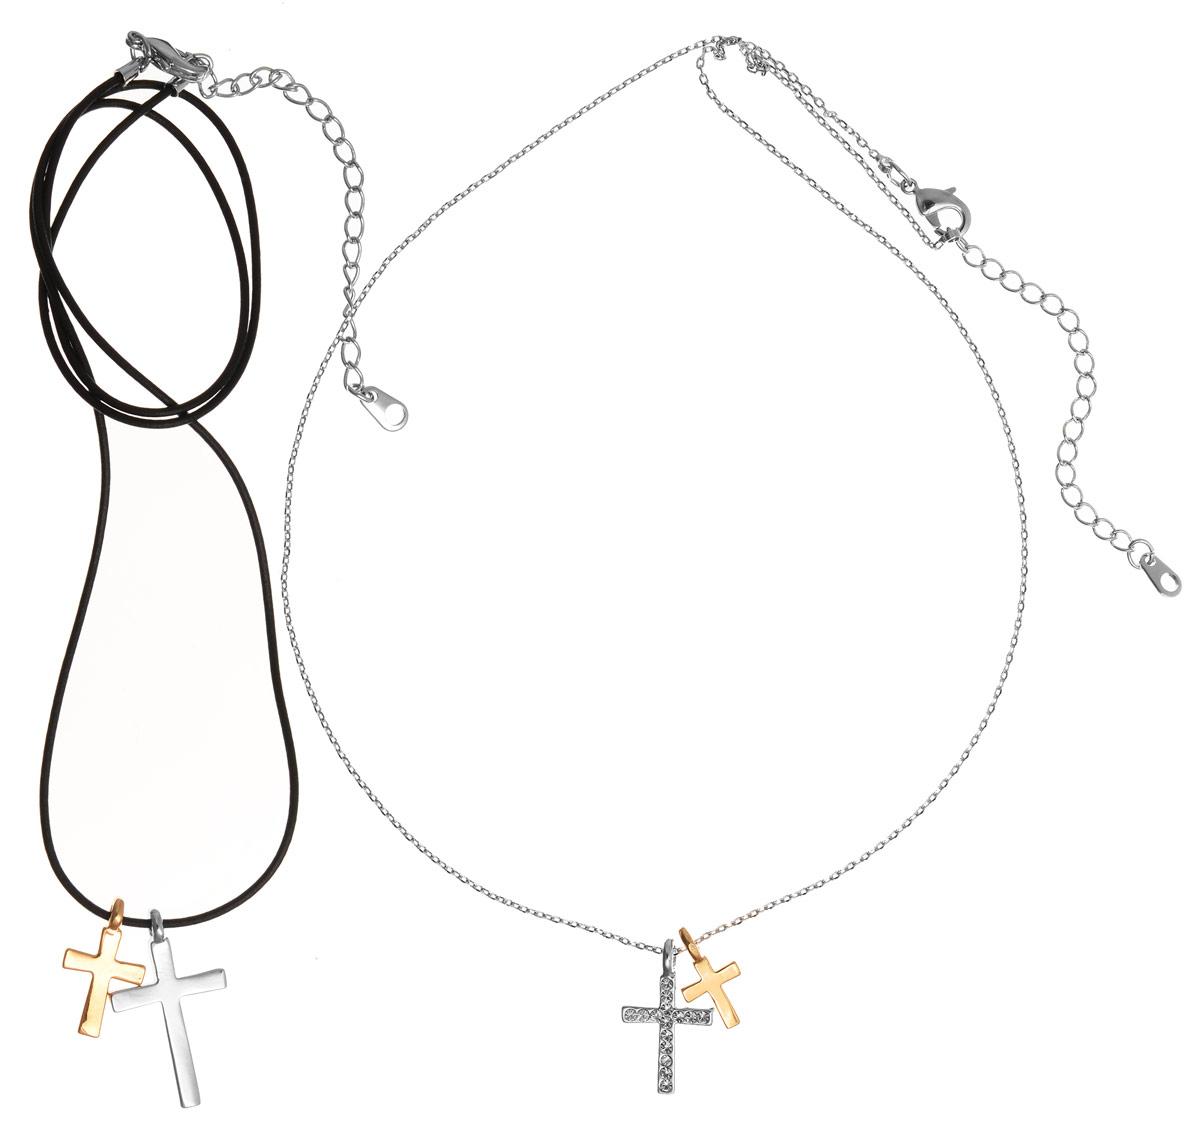 Кулон Art-Silver, цвет: серебряный, черный, золотой, 2 шт. 10785-53910785-539Очаровательный комплект Art-Silver включает в себя два украшения, каждое из которых дополнено двумя кулонами разного размера. Благодаря стильному дизайну изделия идеально сочетаются. Первое украшение выполнено в виде изящной цепочки, дополненной двумя кулонами в форме крестов. Один из кулонов инкрустирован цирконами. Цепочка застегивается на замок-карабин, длина регулируется. Второе украшение представляет собой текстильный шнур, который также дополнен двумя кулонами и застегивается на замок-карабин. Длина изделия регулируется за счет дополнительных звеньев. Кулон Art-Silver поможет дополнить любой образ и привнести в него завершающий штрих.